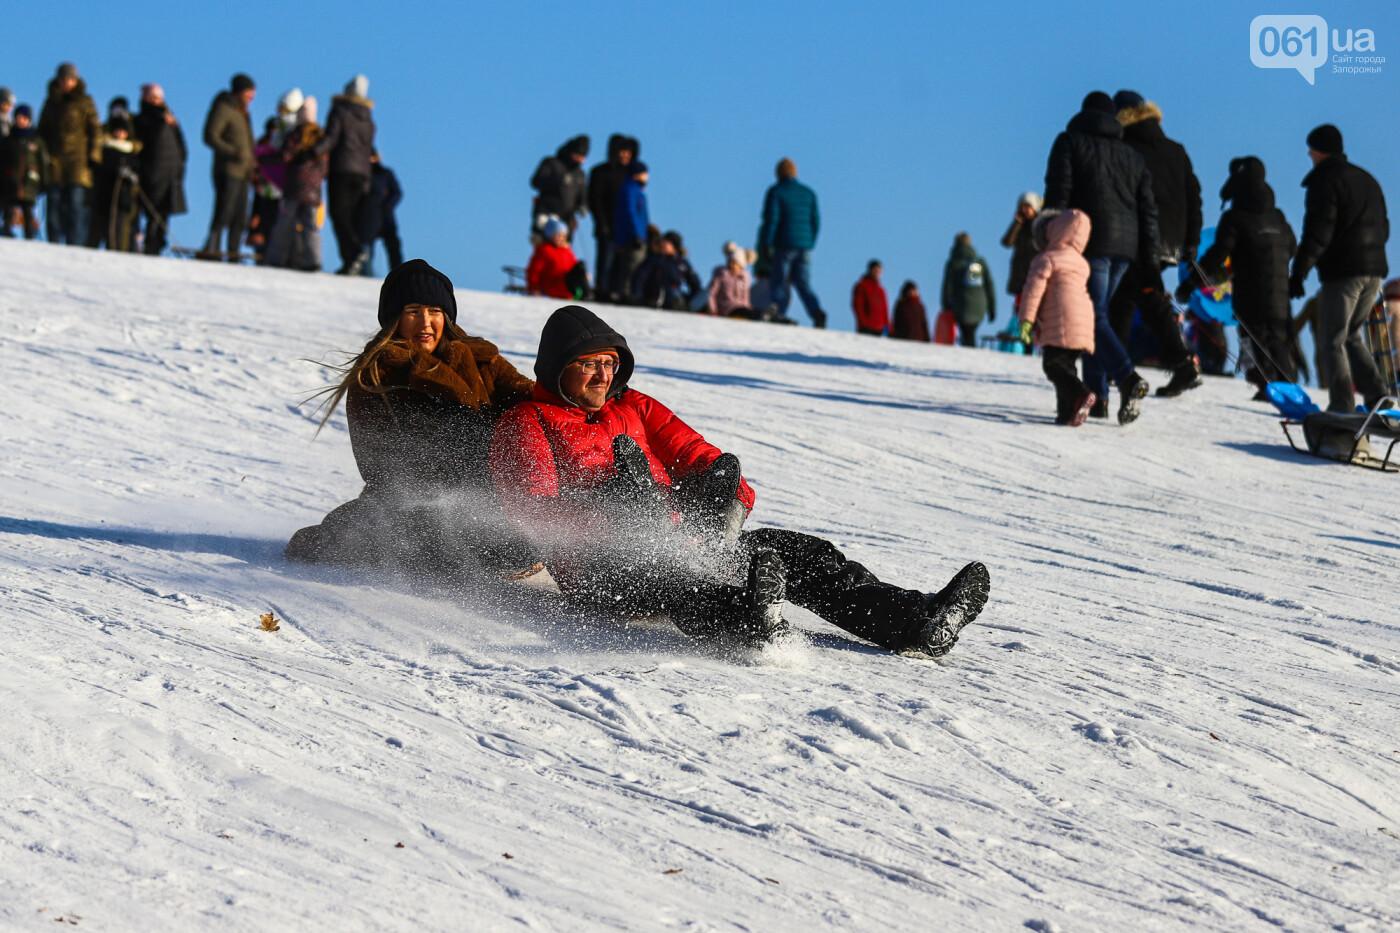 На санках, лыжах и сноуборде: запорожцы устроили массовое катание с горок в Вознесеновском парке, - ФОТОРЕПОРТАЖ, фото-80